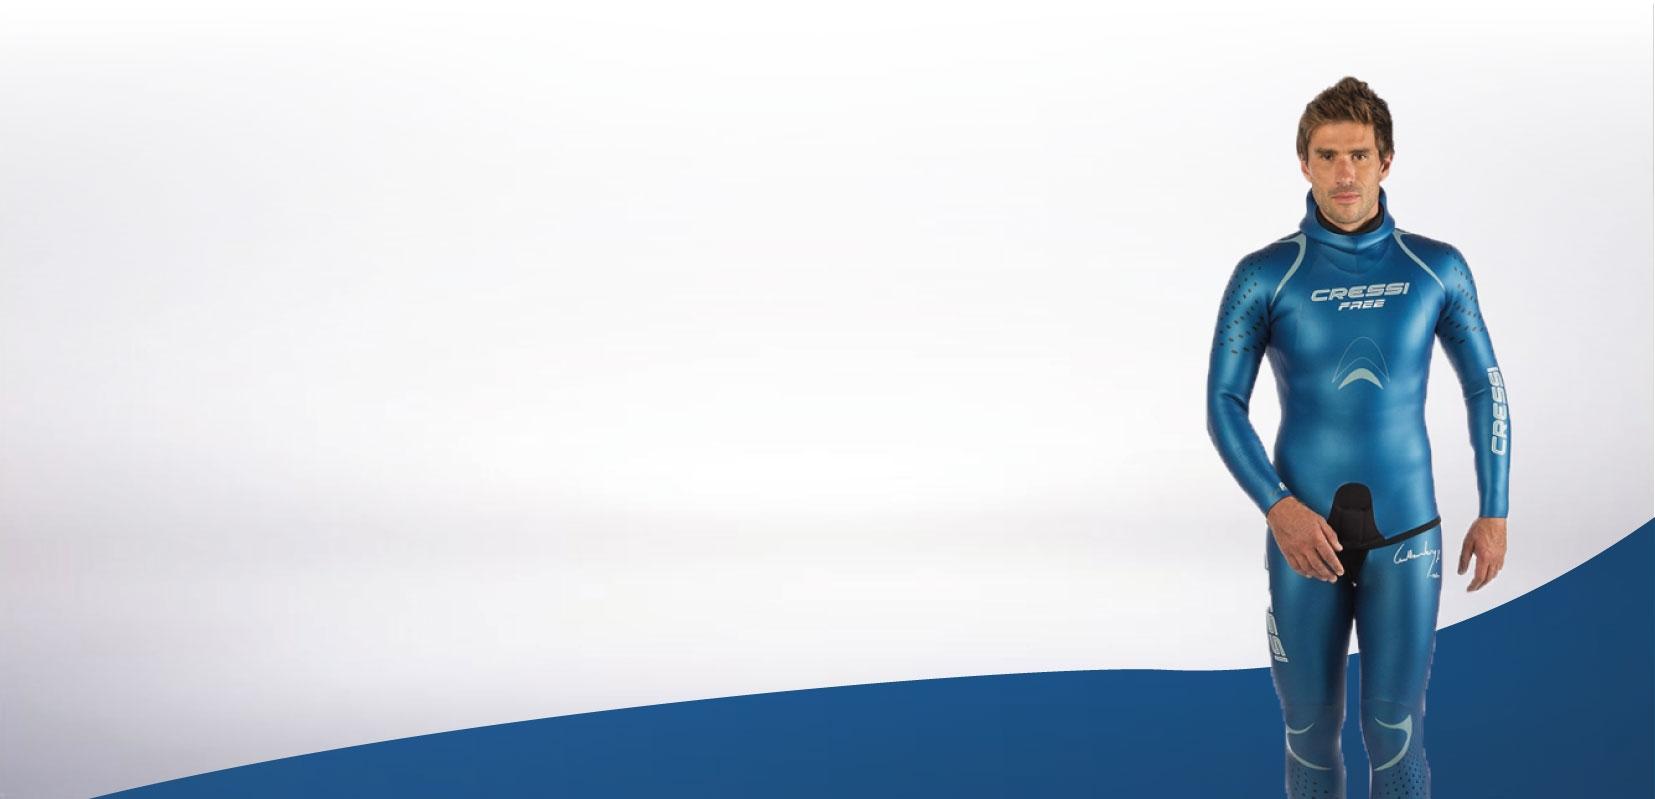 Cressi sub l'ensemble des produits de plongée de la marque italienne maintenant disponible